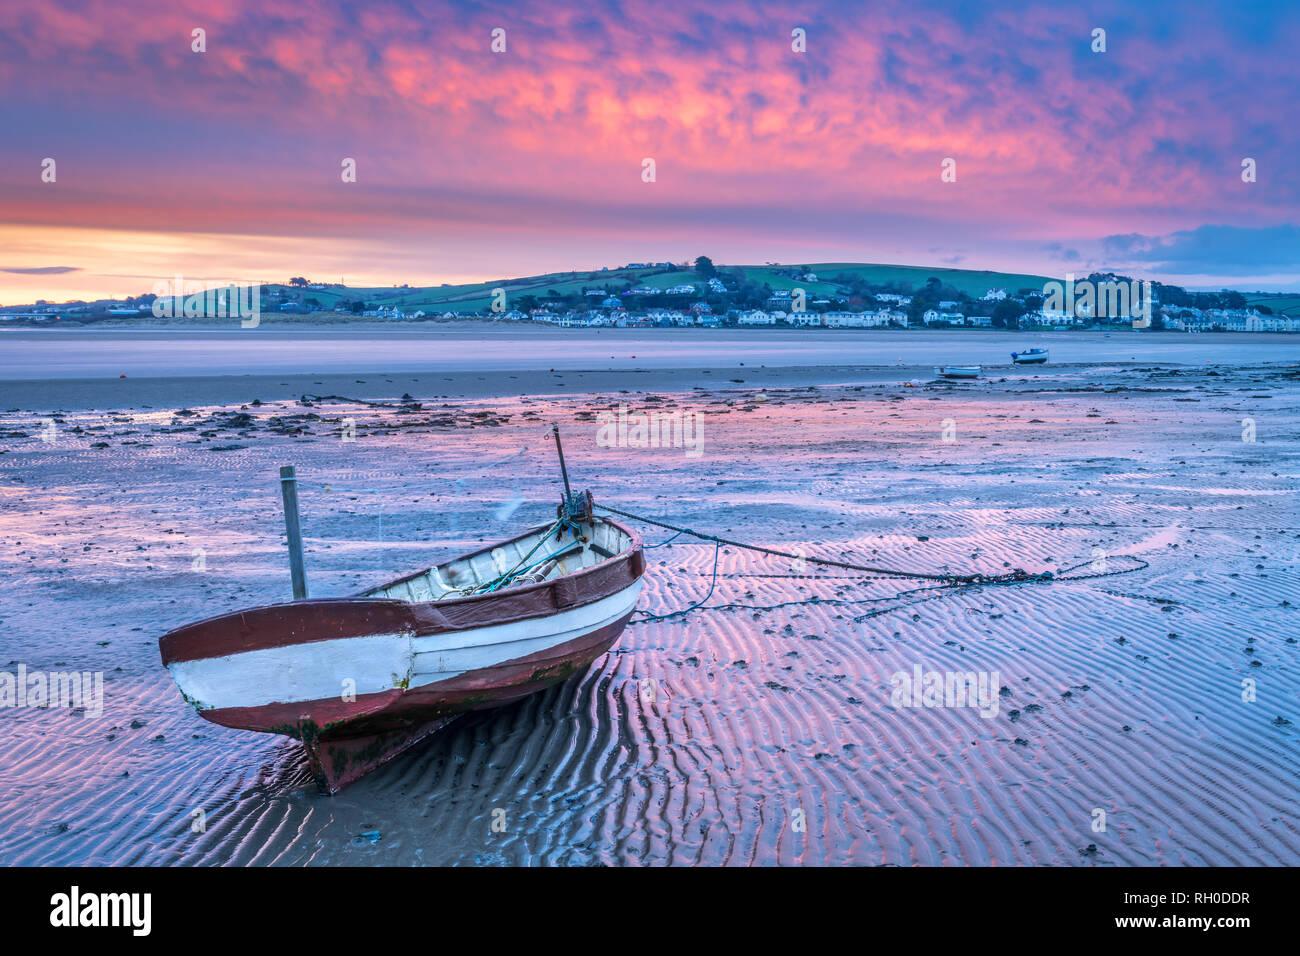 Appledore, Devon, UK. Jan 31, 2019. Météo britannique. Après une nuit très froide mais sèche dans le Nord du Devon, à l'aube d'un ciel rouge peintures brièvement à l'estuaire de la rivière Torridge dans Appledore belles roses et bleus. Credit: Terry Mathews/Alamy Live News Photo Stock